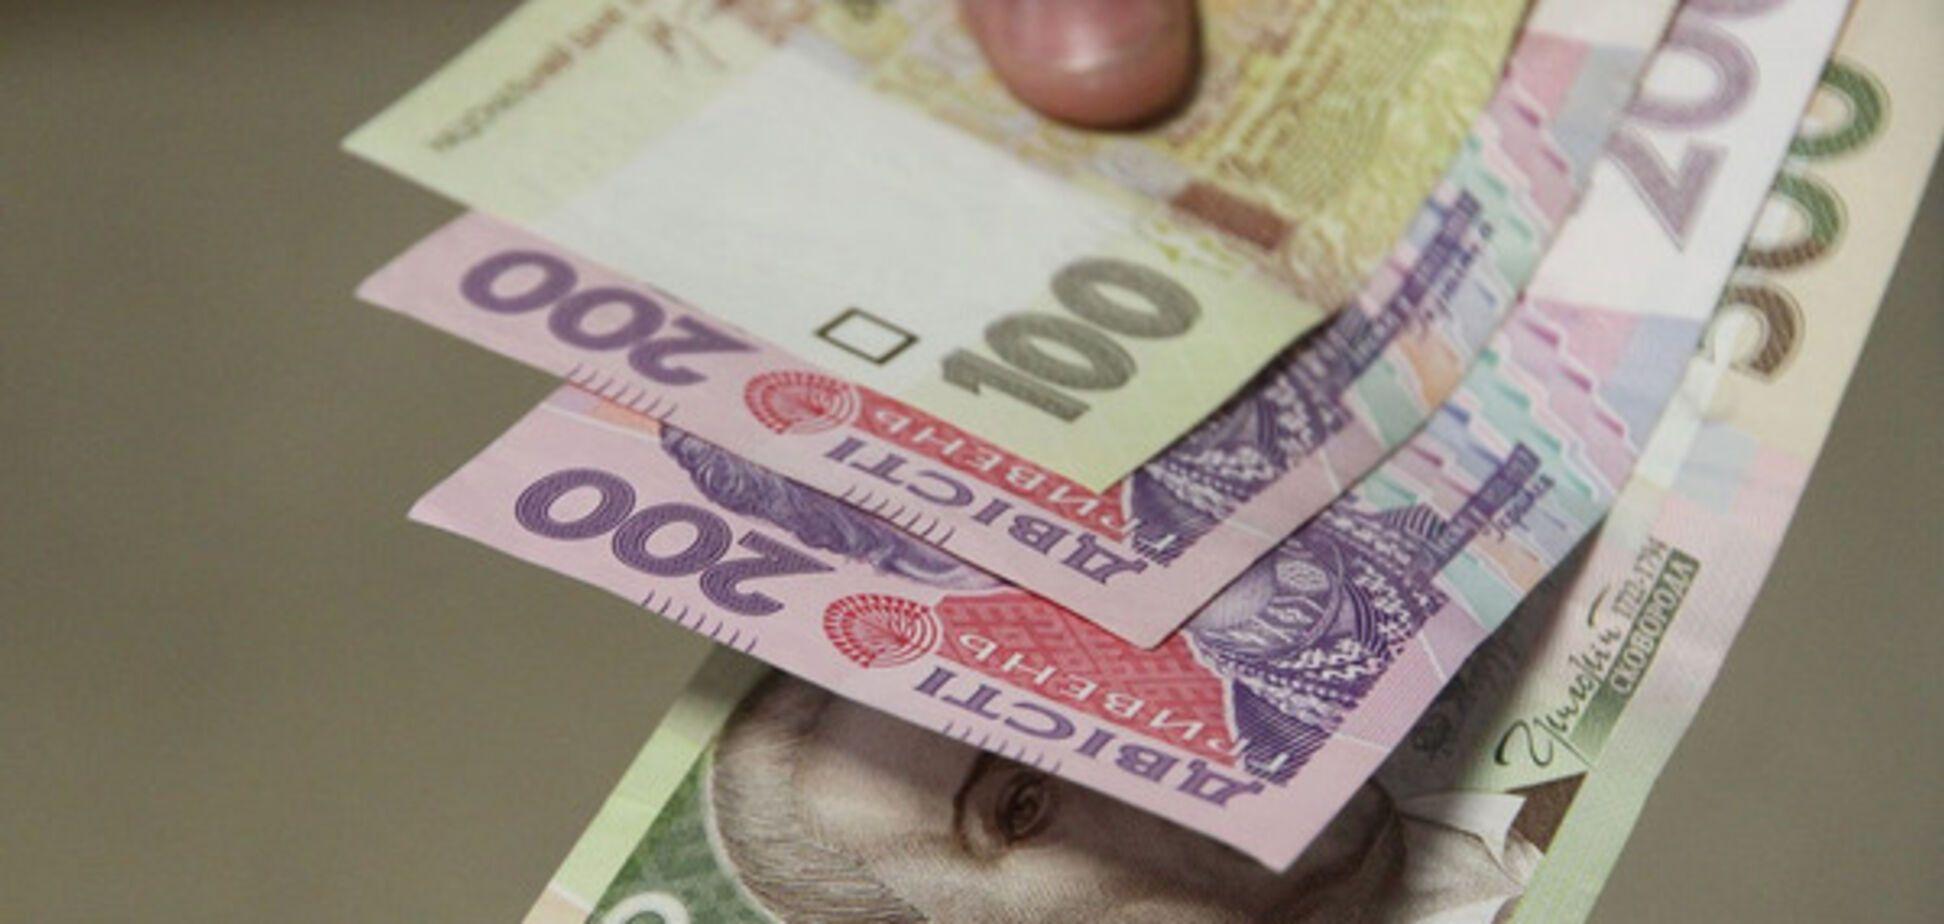 В области чиновник присвоил 3,2 миллиона гривен